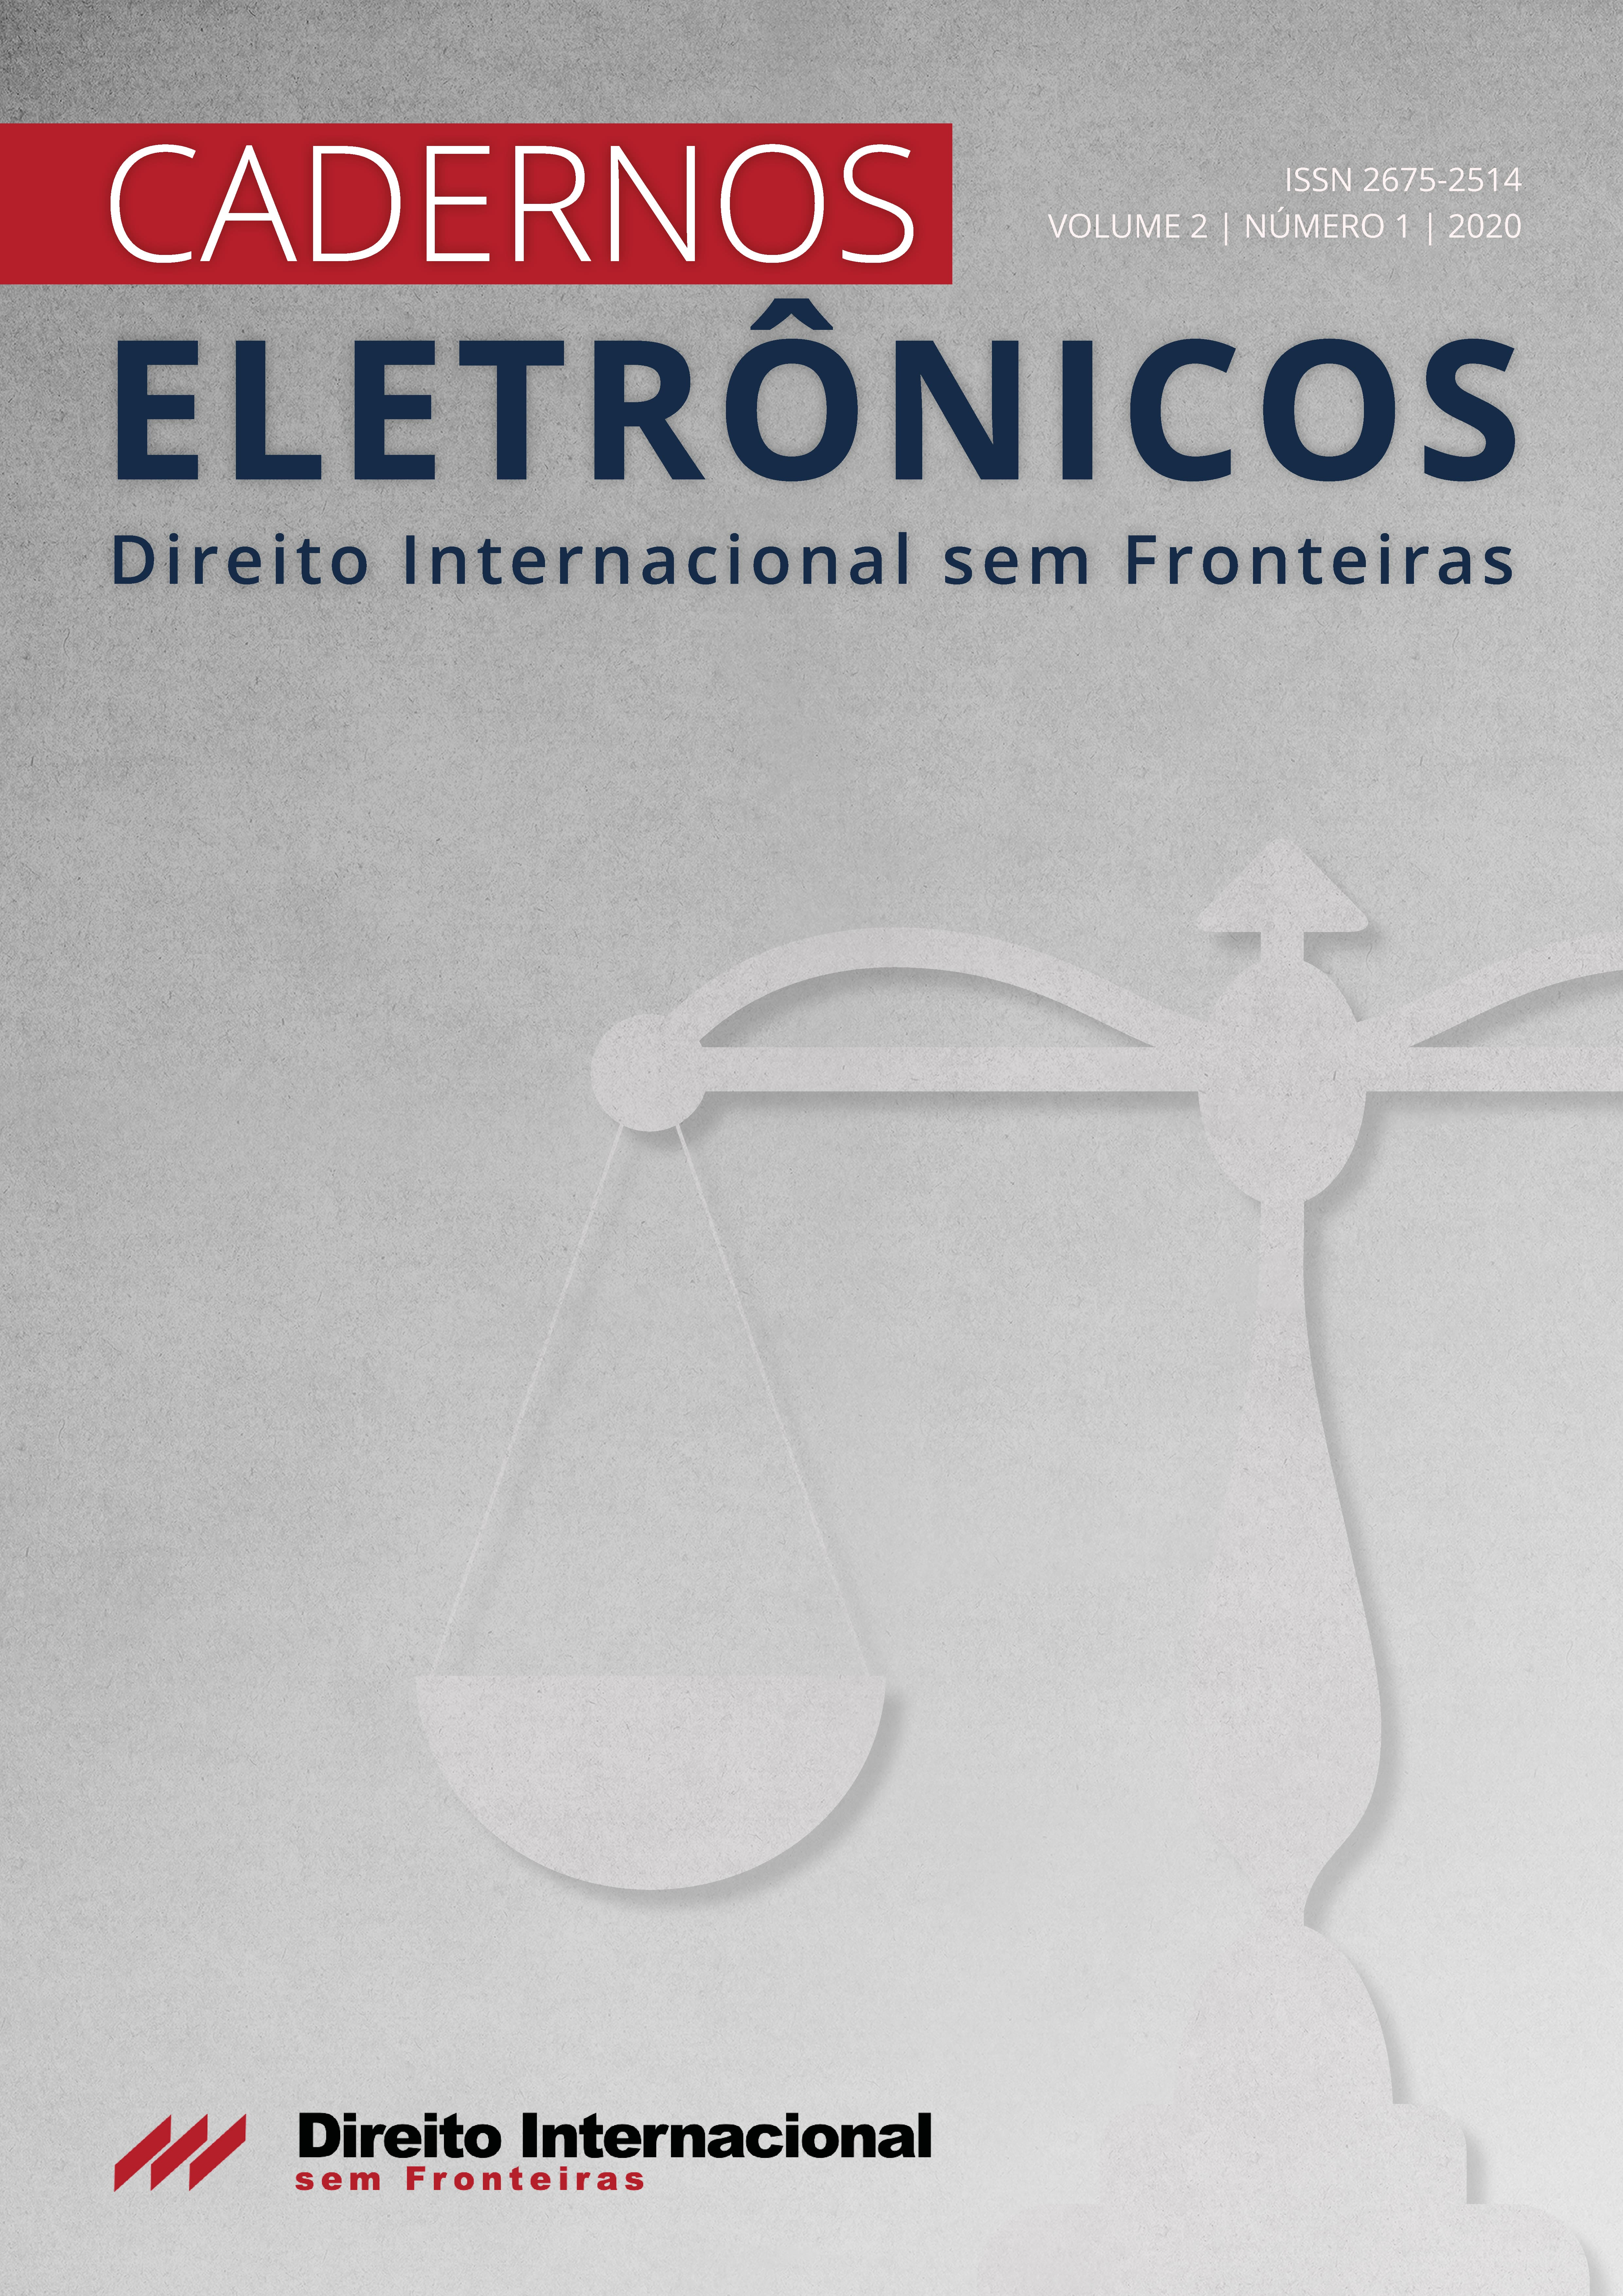 Cadernos Eletrônicos Direito Internacional sem Fronteiras, volume 2, número 1, 2020